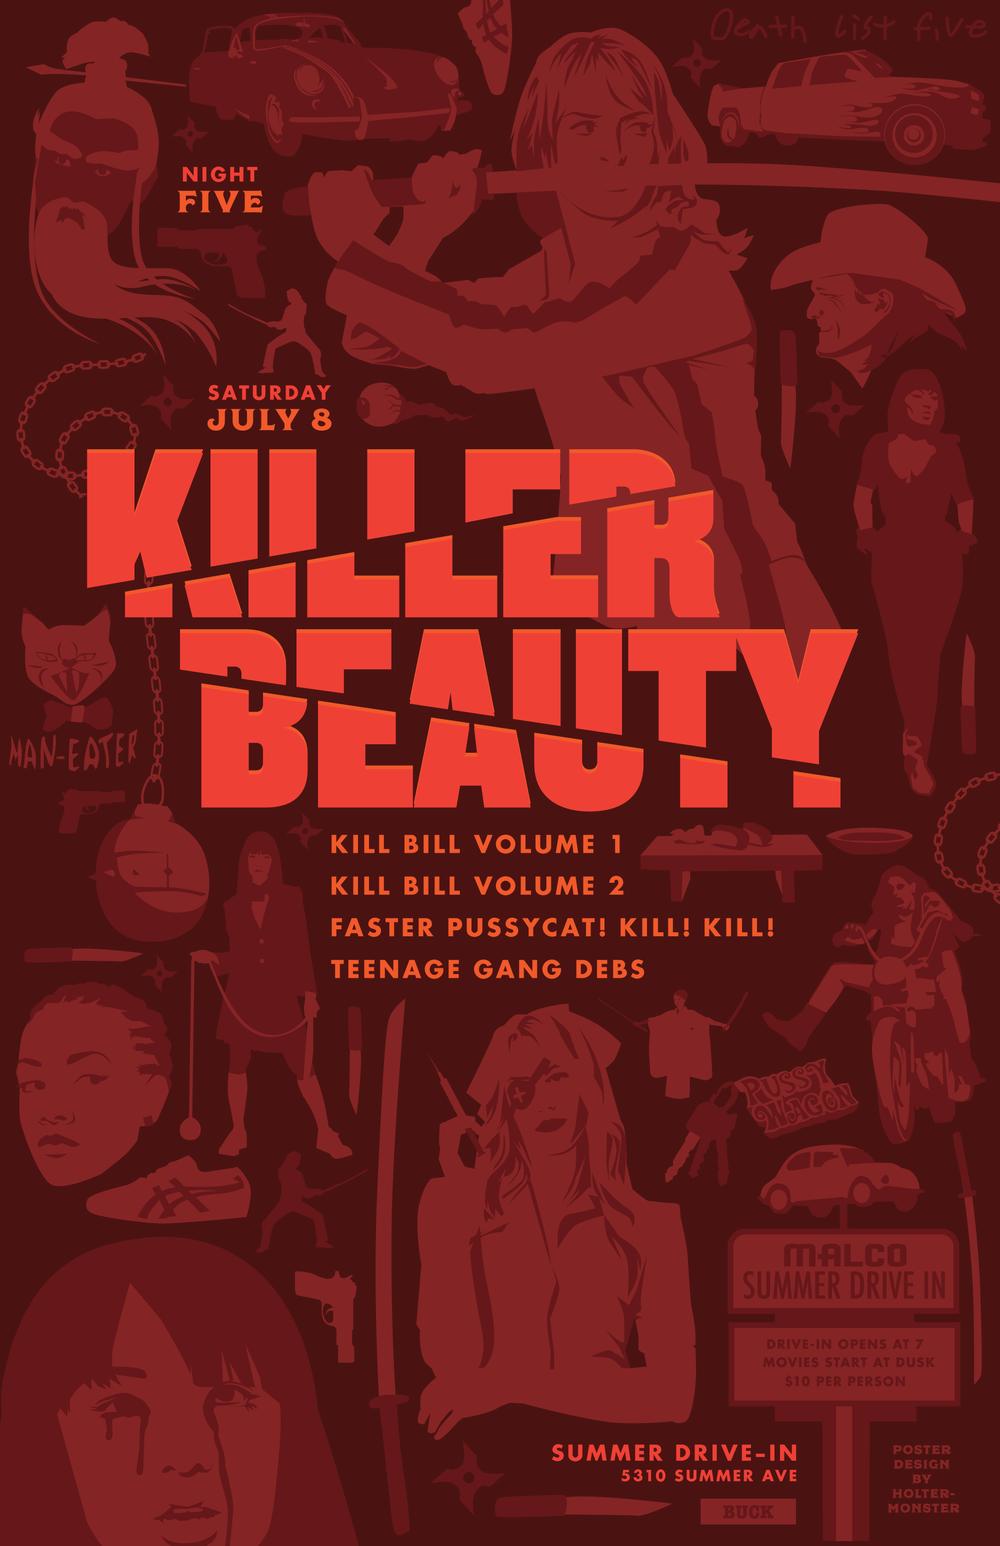 Time Warp Drive-In: Killer Beauty